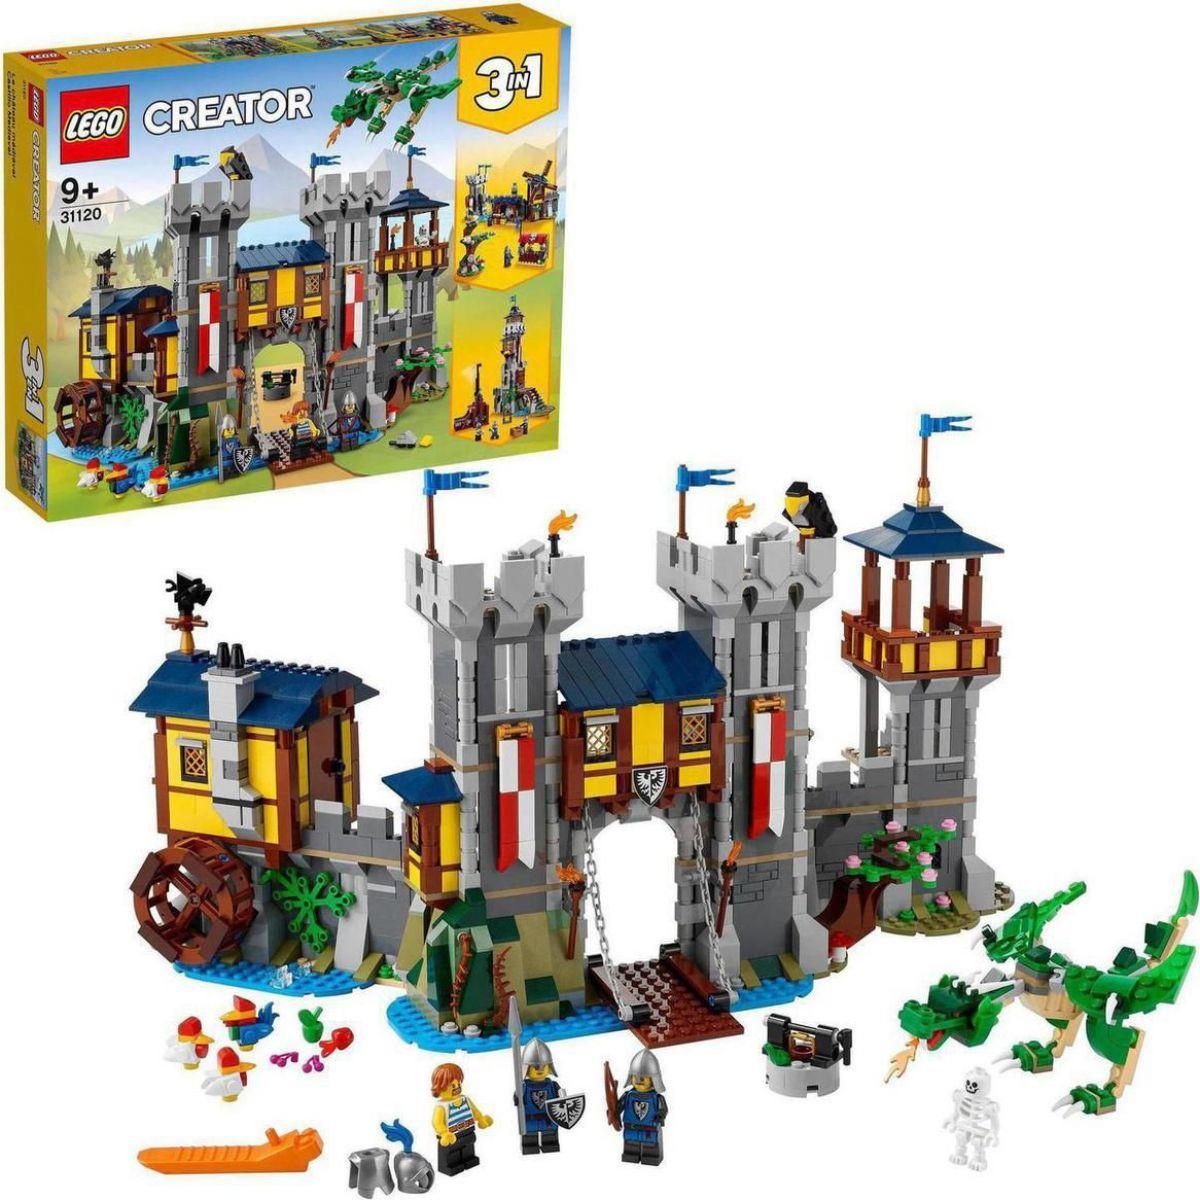 LEGO® Creator 31120 Stredoveký hrad